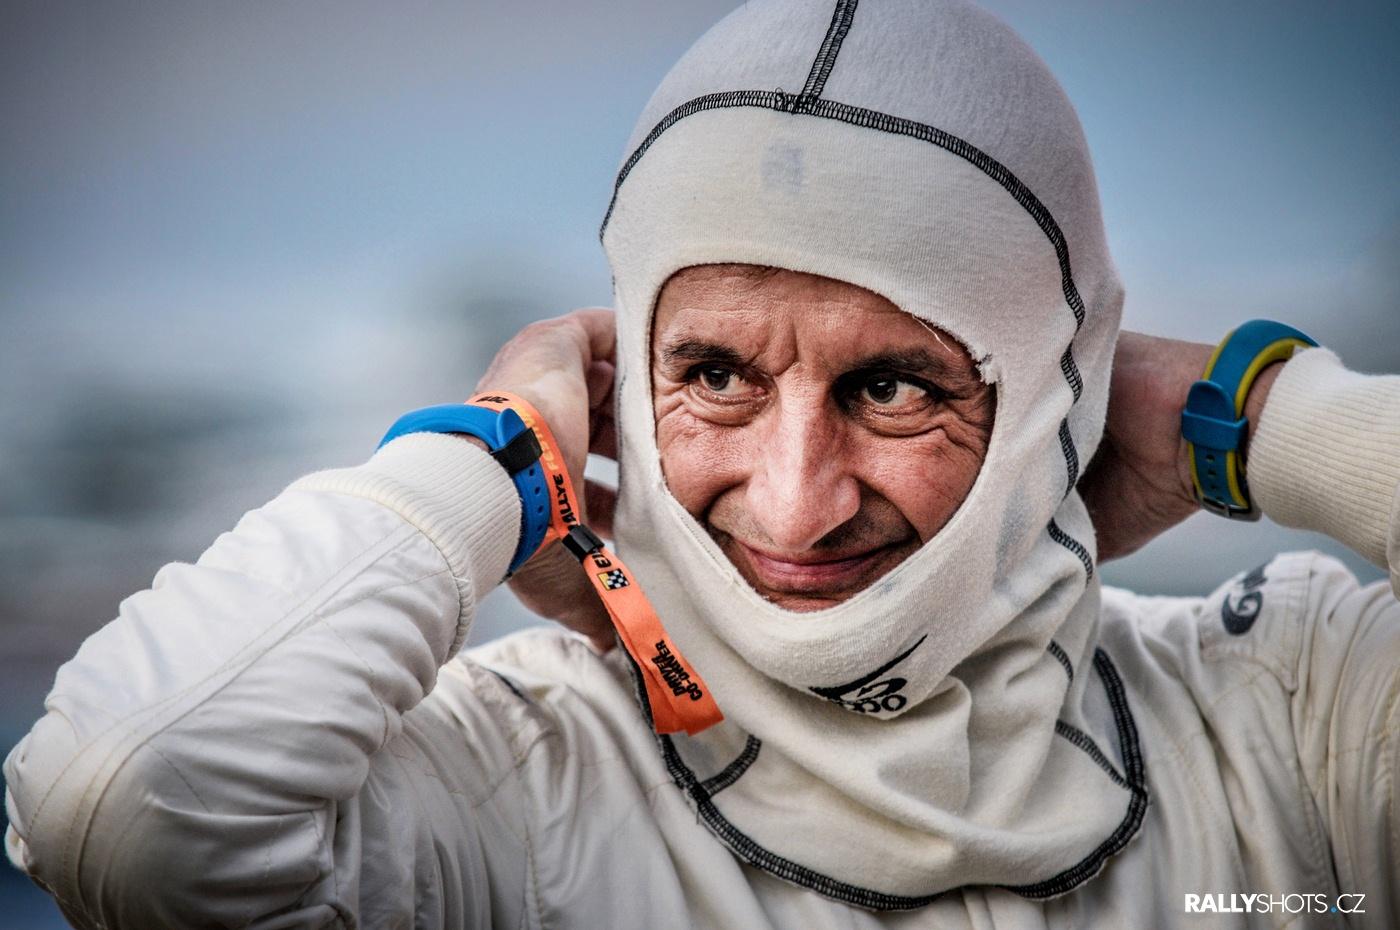 Eifel Rallye Festival 2019 Louis Moya